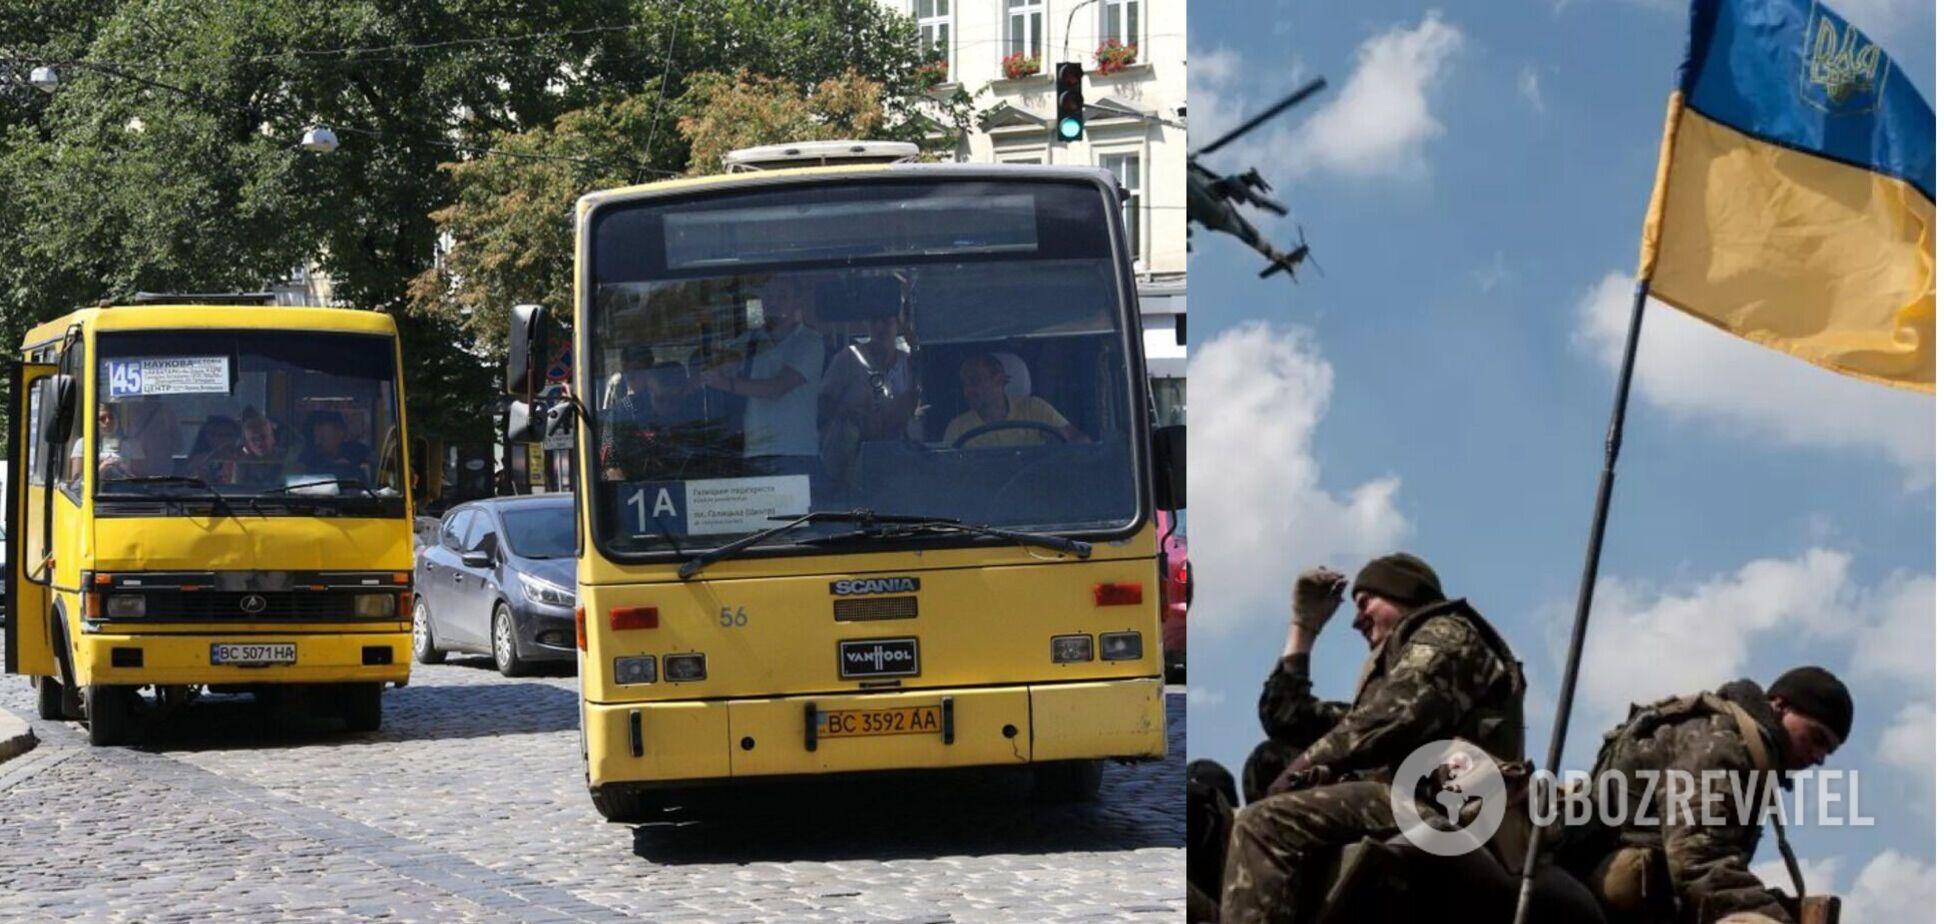 На Львовщине водитель выгнал из маршрутки дочь погибшего воина АТО. Видео